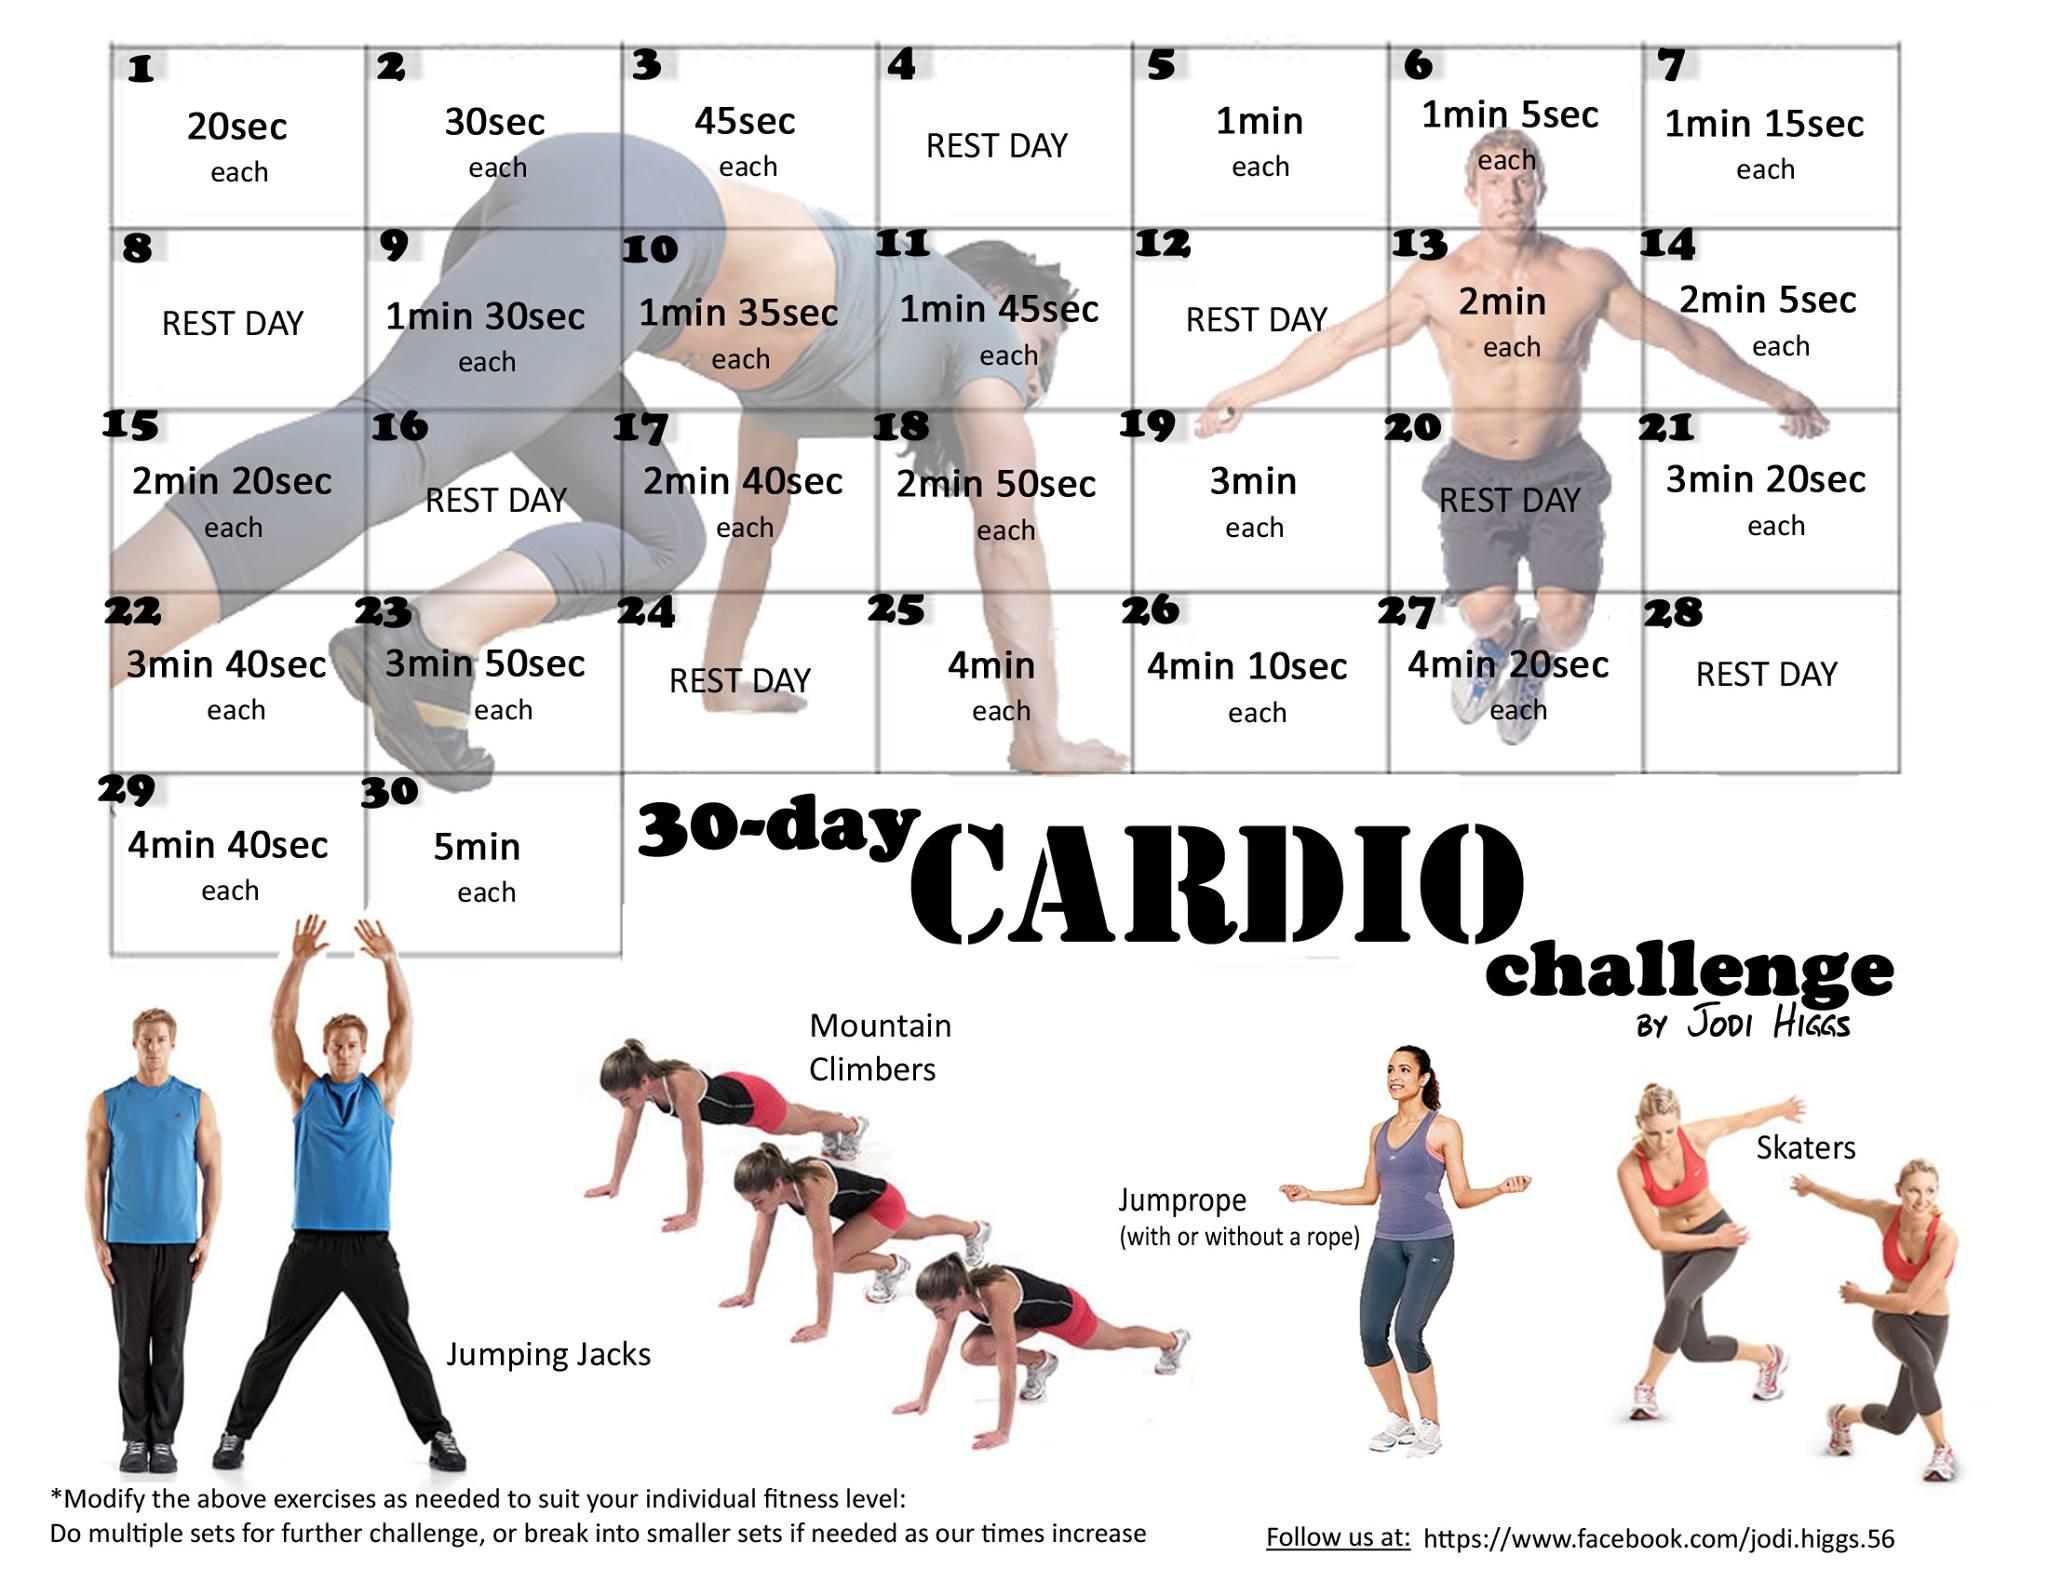 El mejor ejercicio cardiovascular para quemar grasa